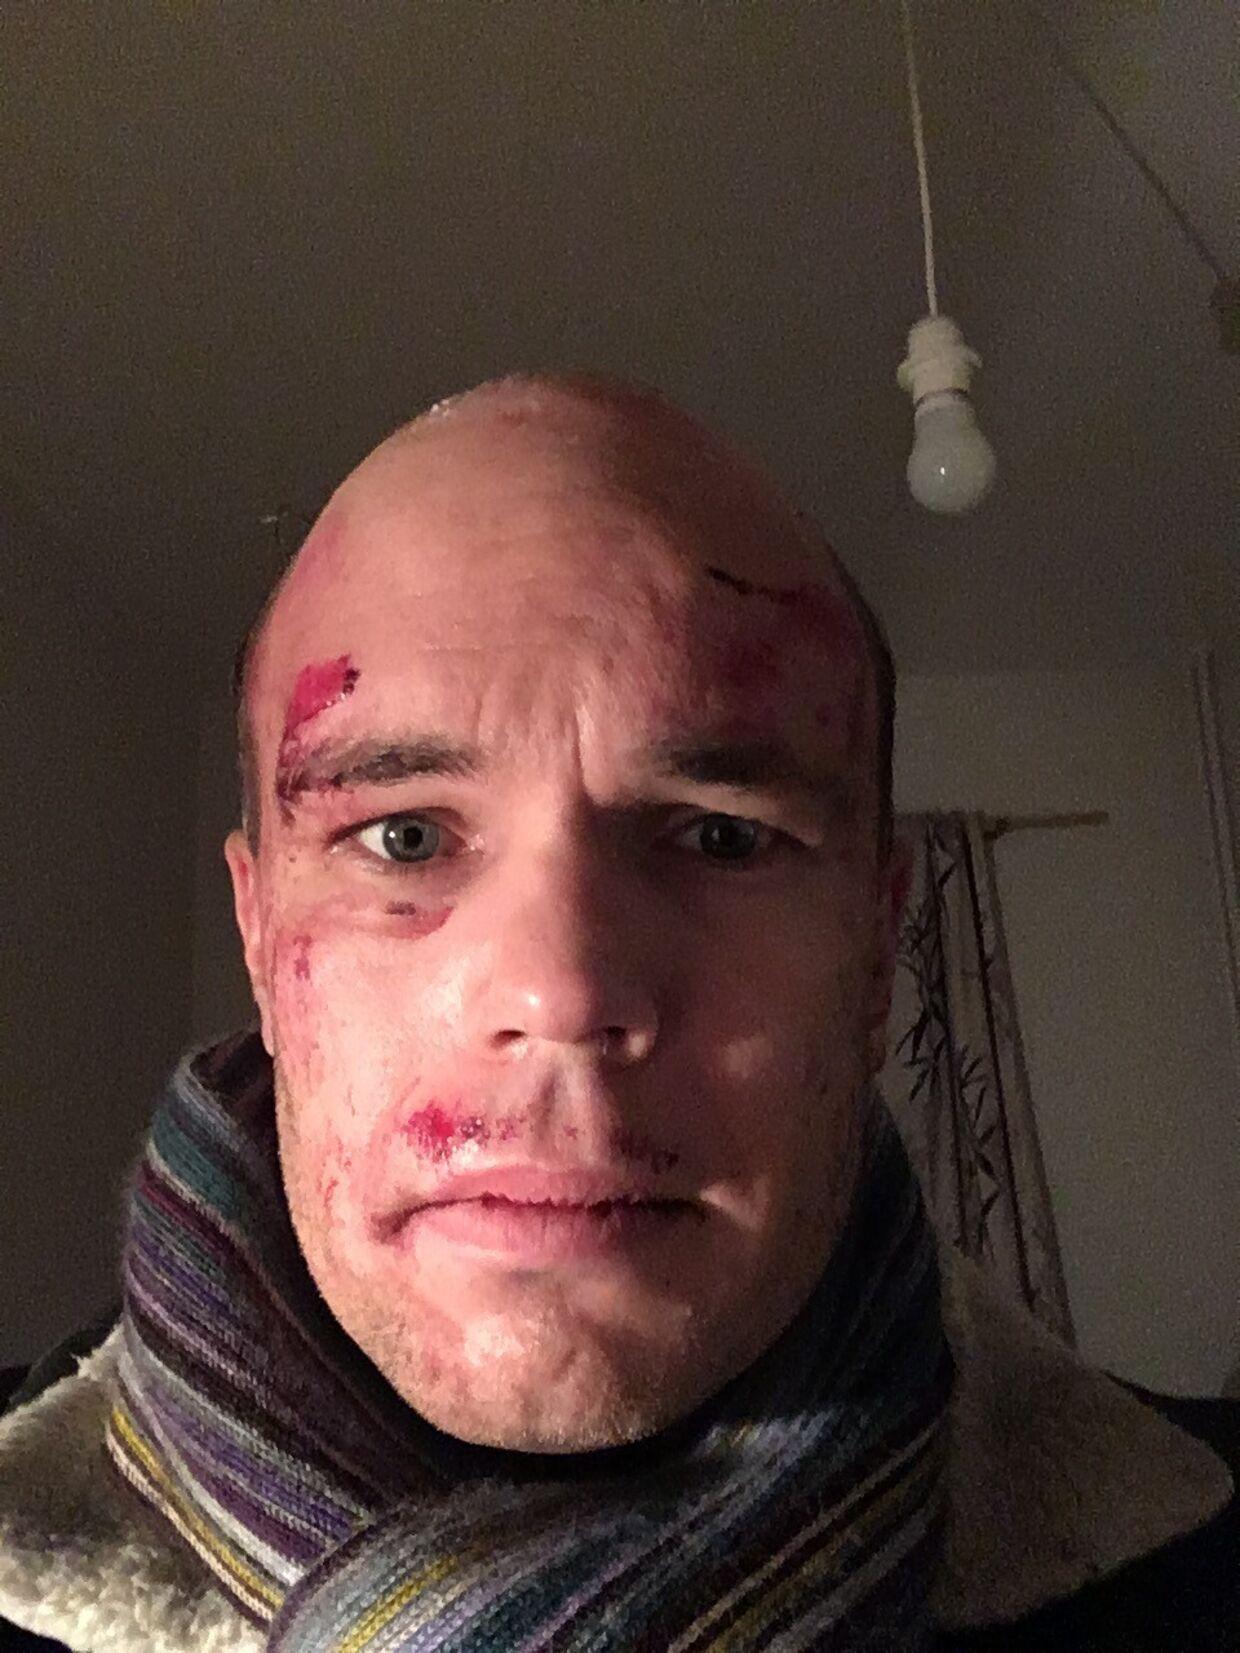 Jonas Sivkær Pettersen går til daglig med toupé, men den blev revet af under anholdelsen.